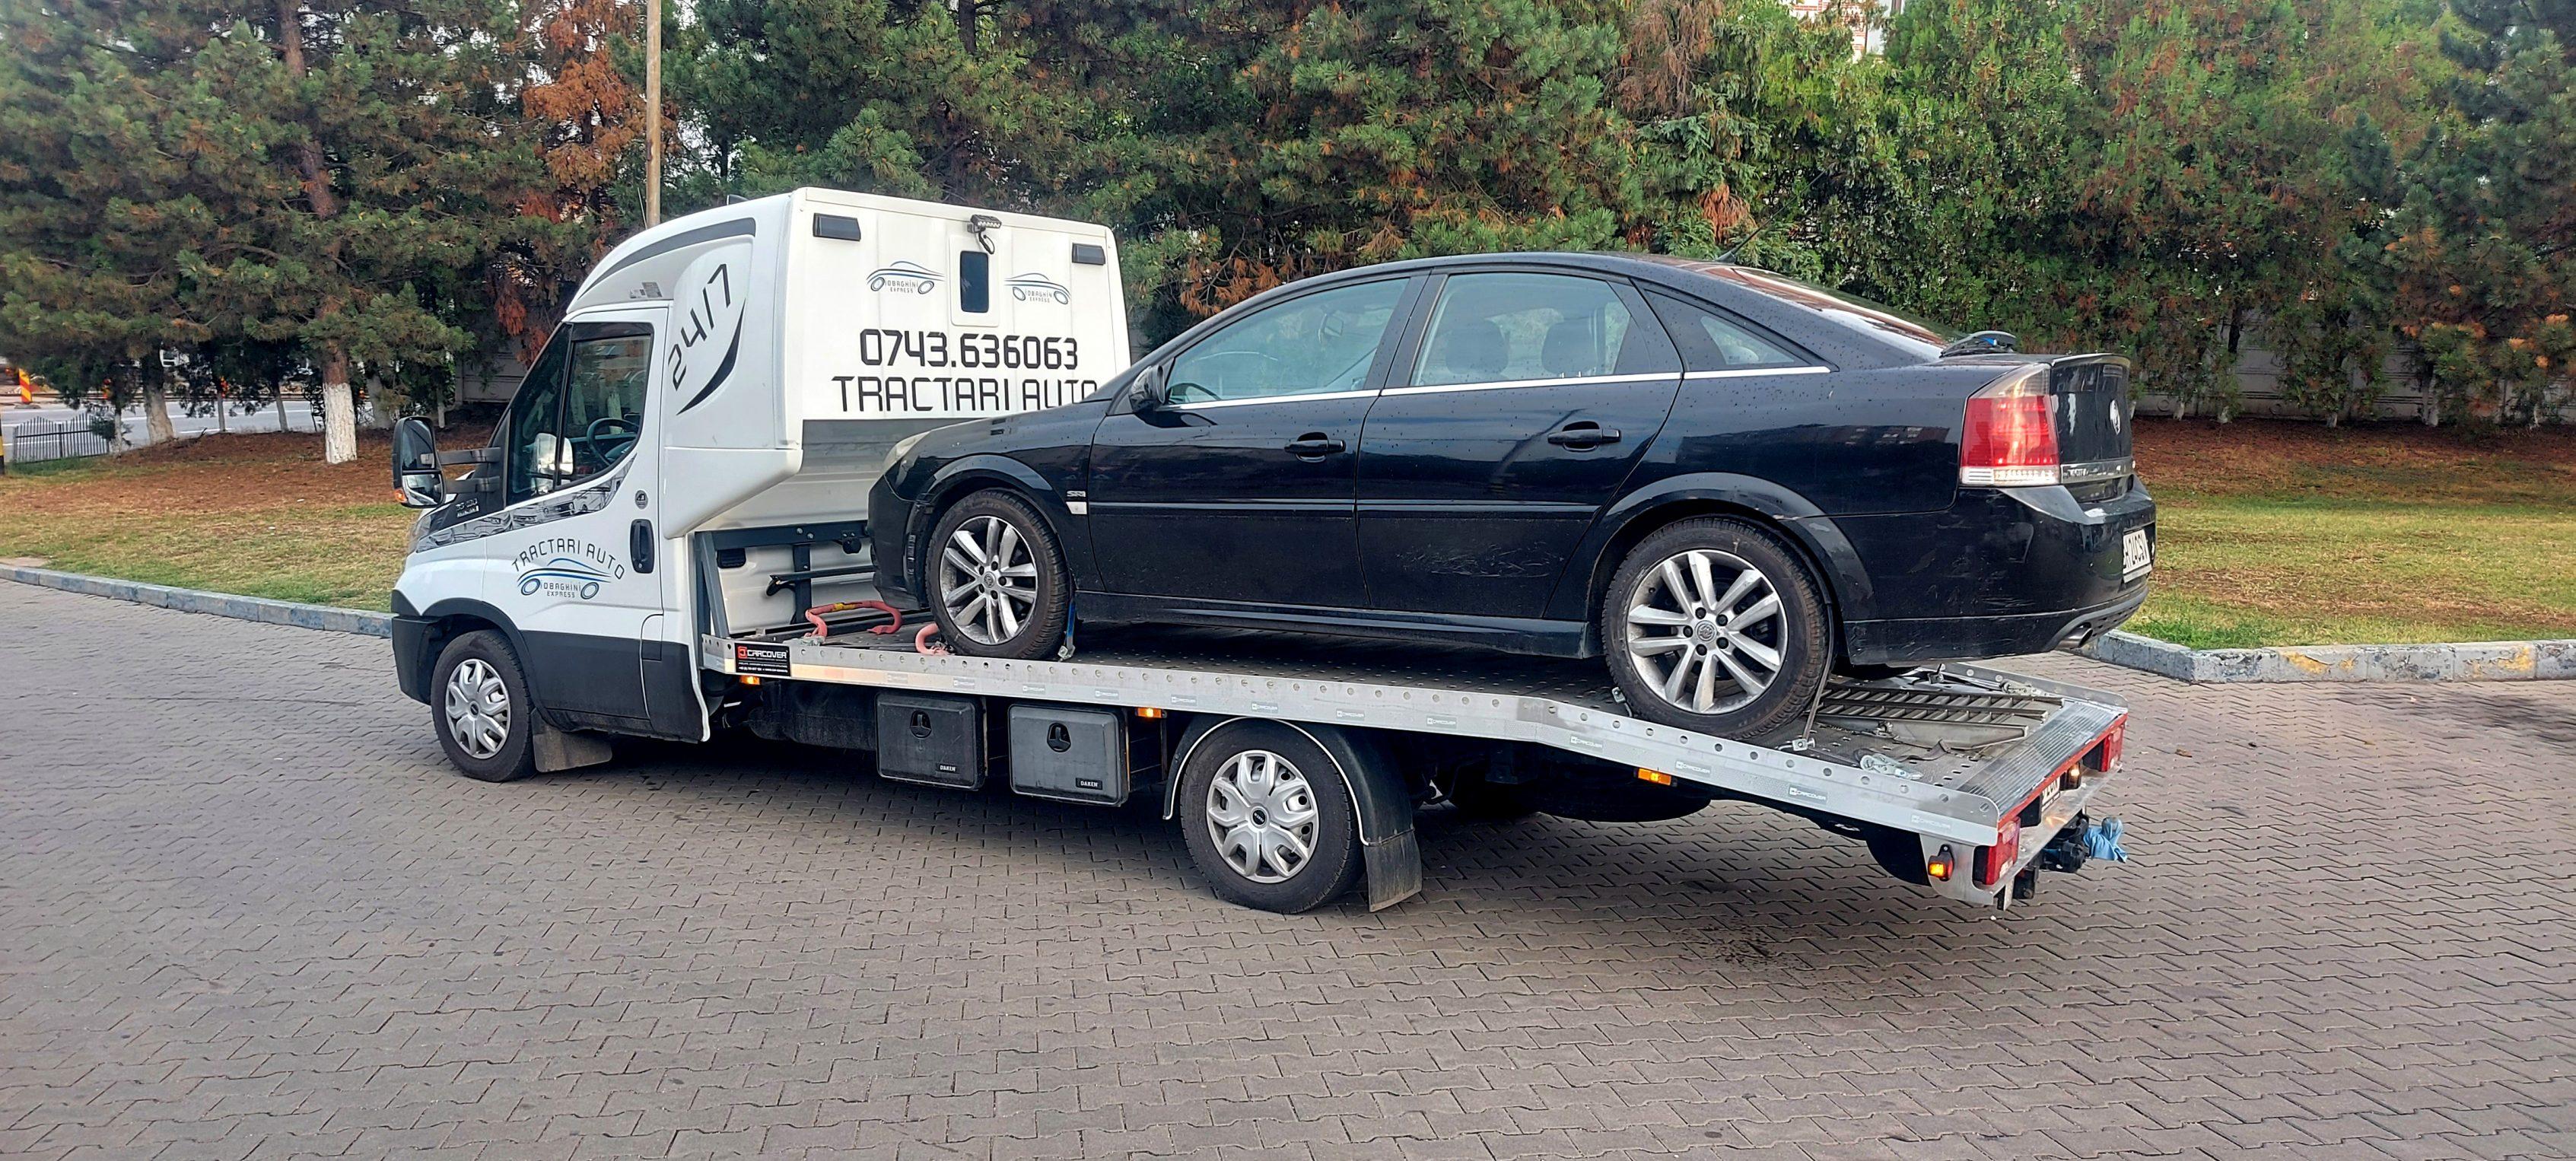 Tractare Opel Vectra Oradea